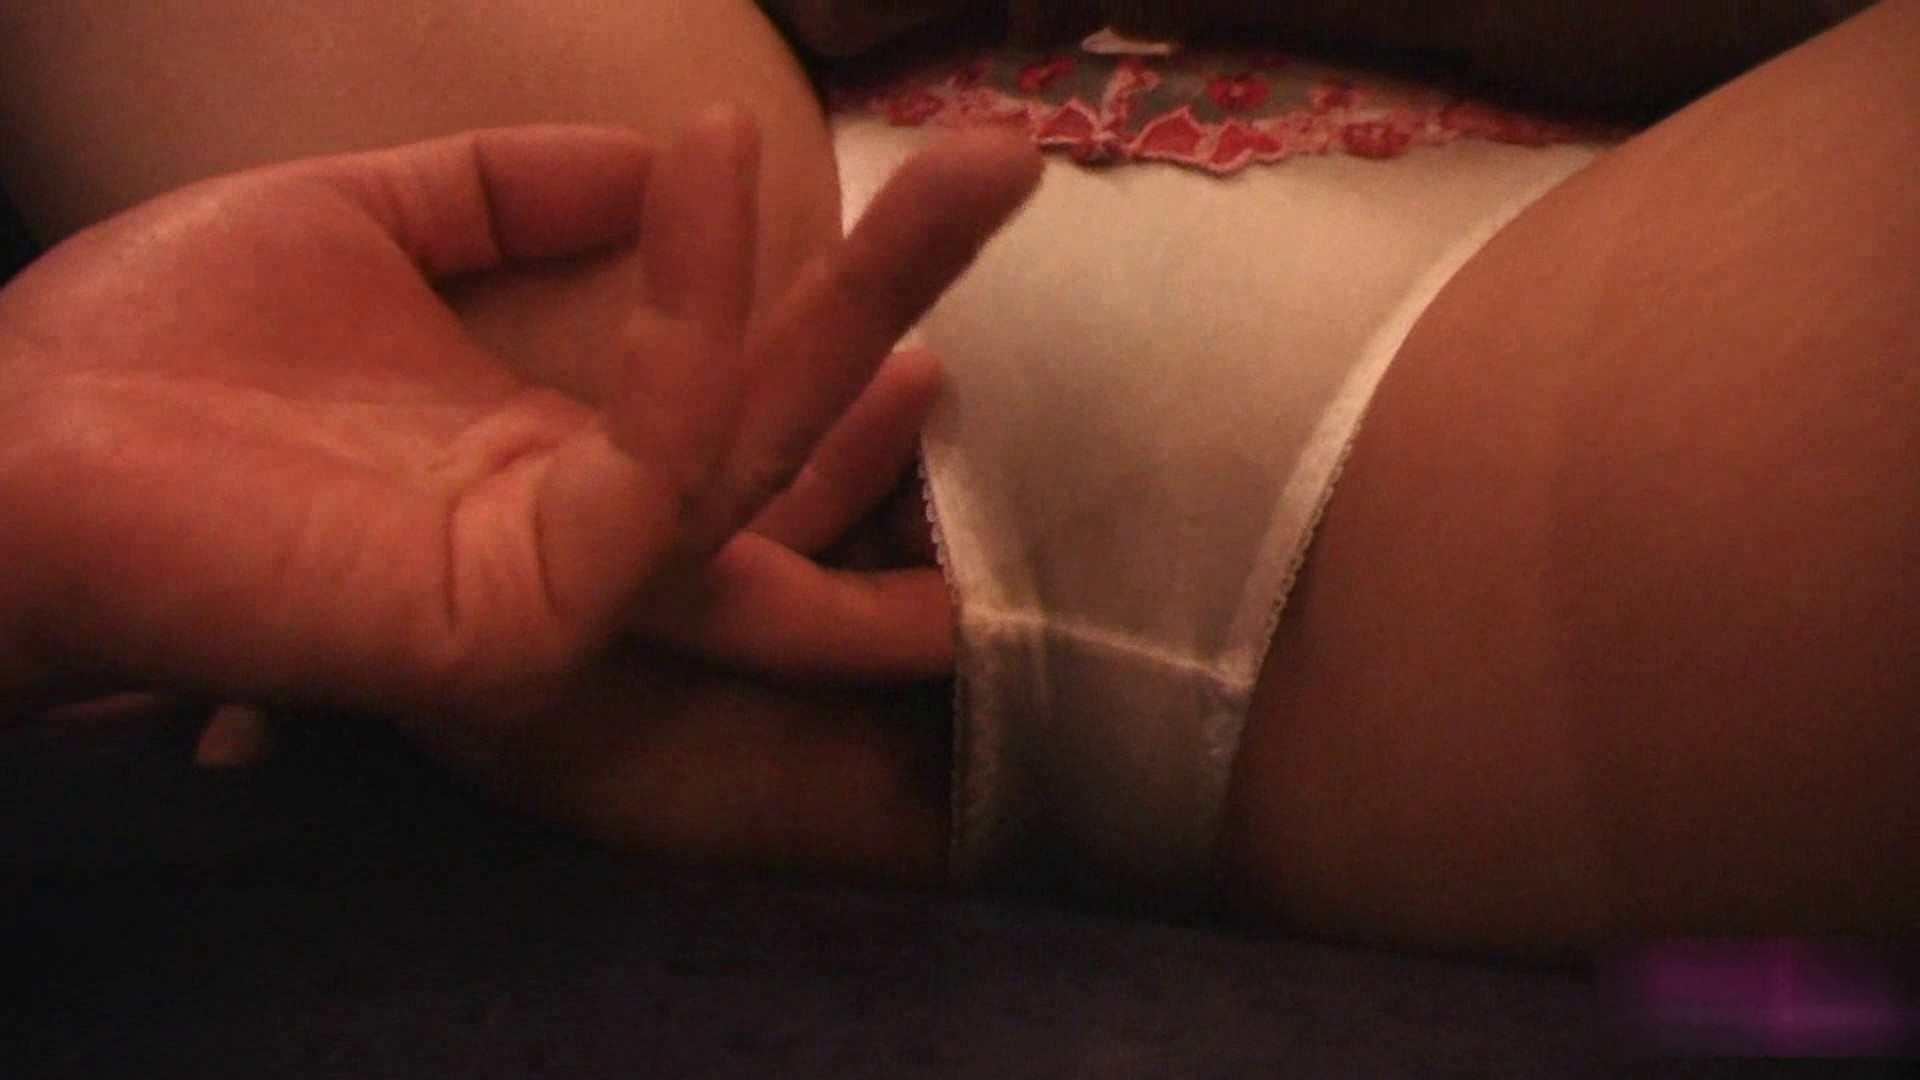 おしえてギャル子のH塾 Vol.13 前編 OL裸体 | 一般投稿  98画像 55